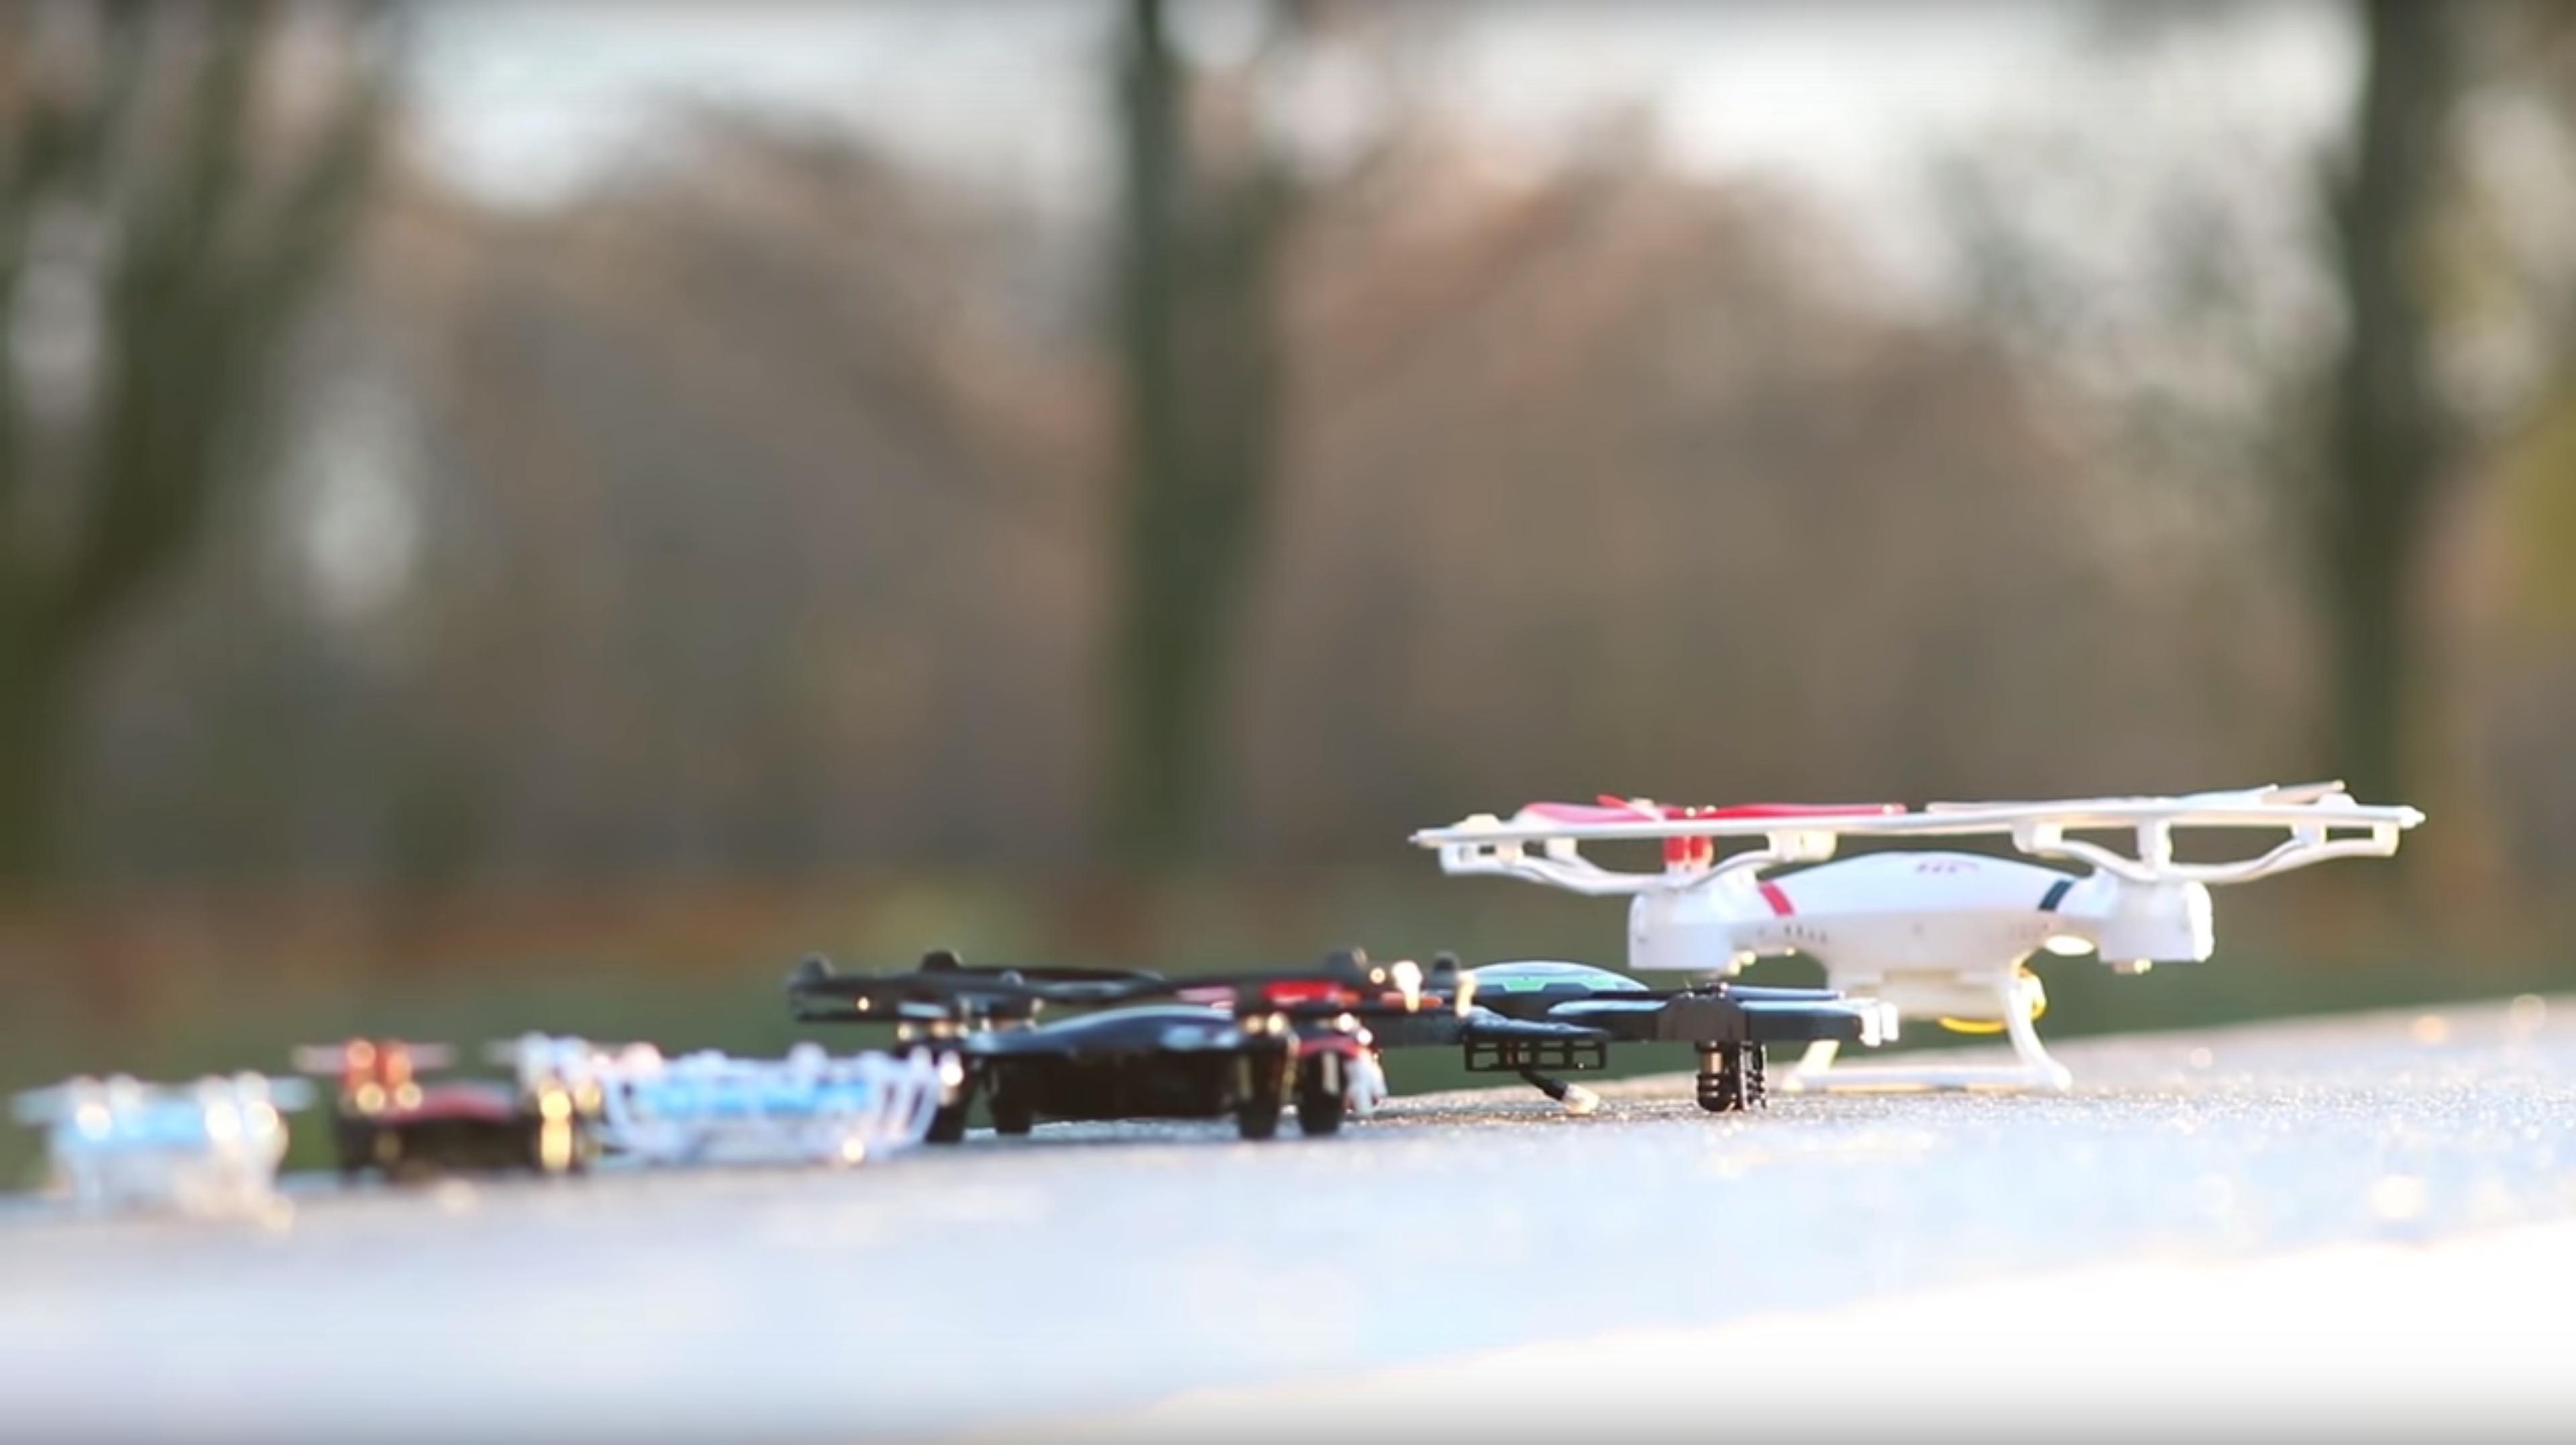 Alle disse seks dronene, som vi testet for kort tid siden, havner i nano-kategorien under 250 gram.